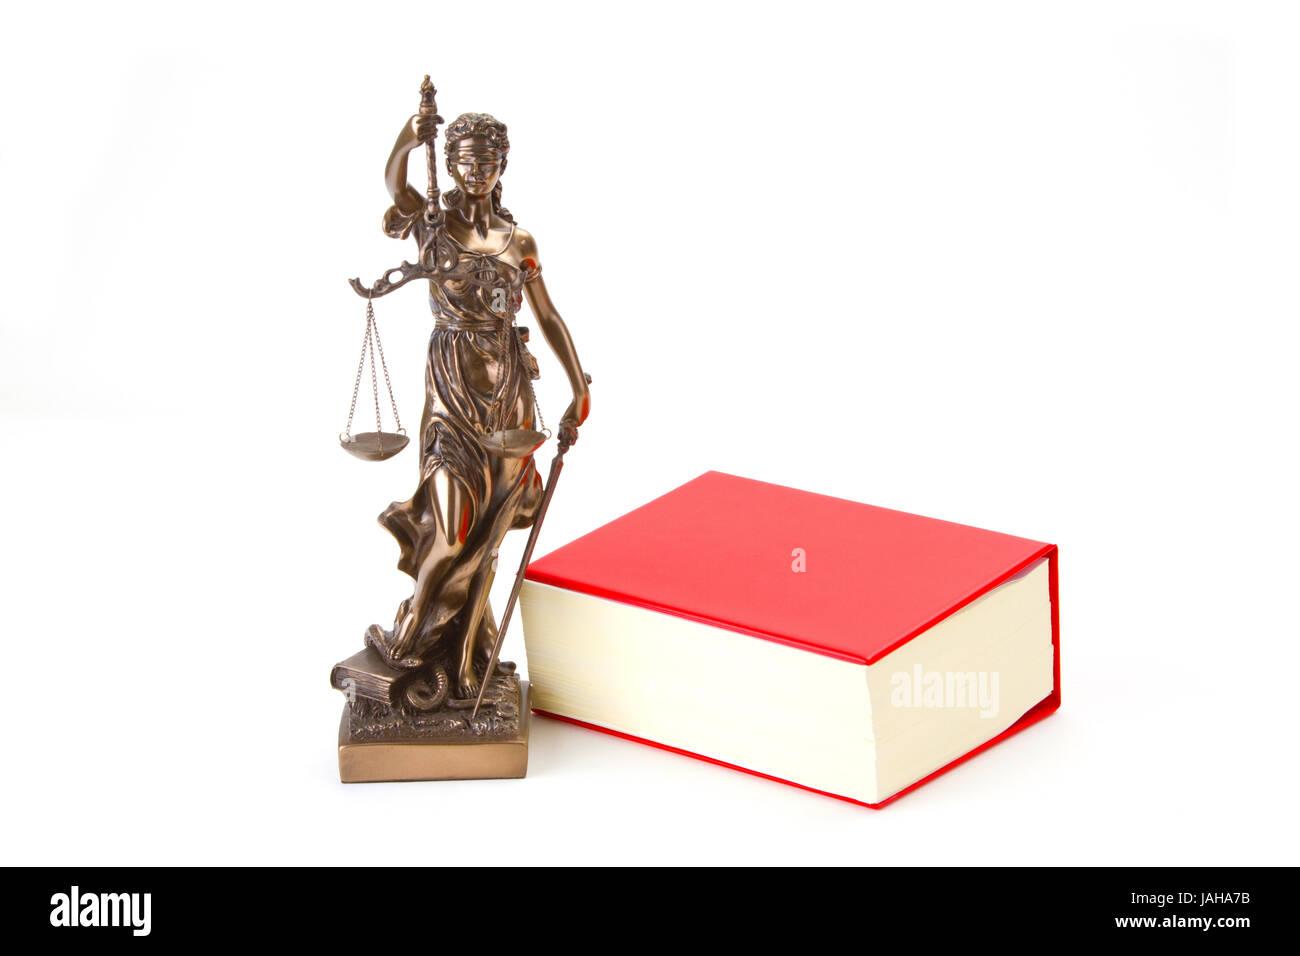 Justizia mit Gesetzbuch freigestellt auf weissem Hintergrund Stock Photo